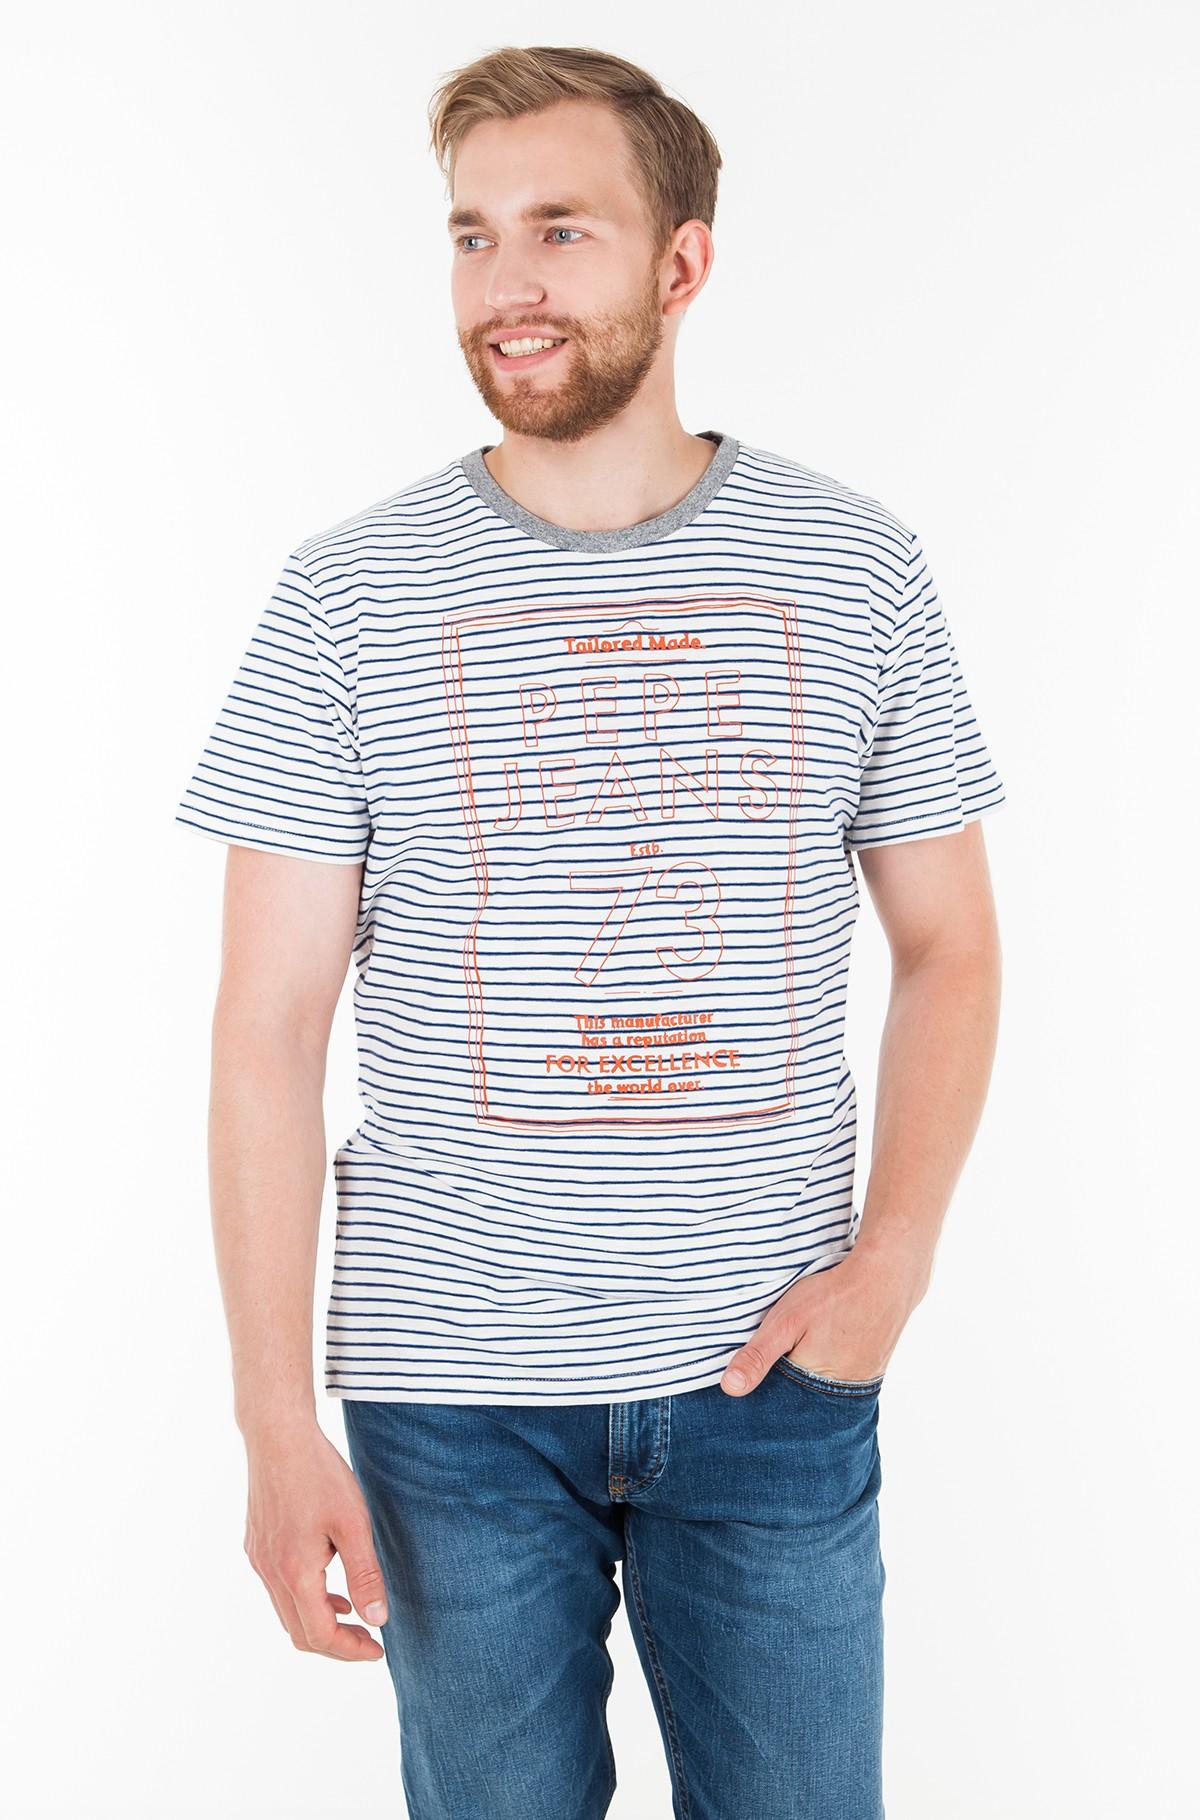 T-shirt MILO/PM505679-full-1